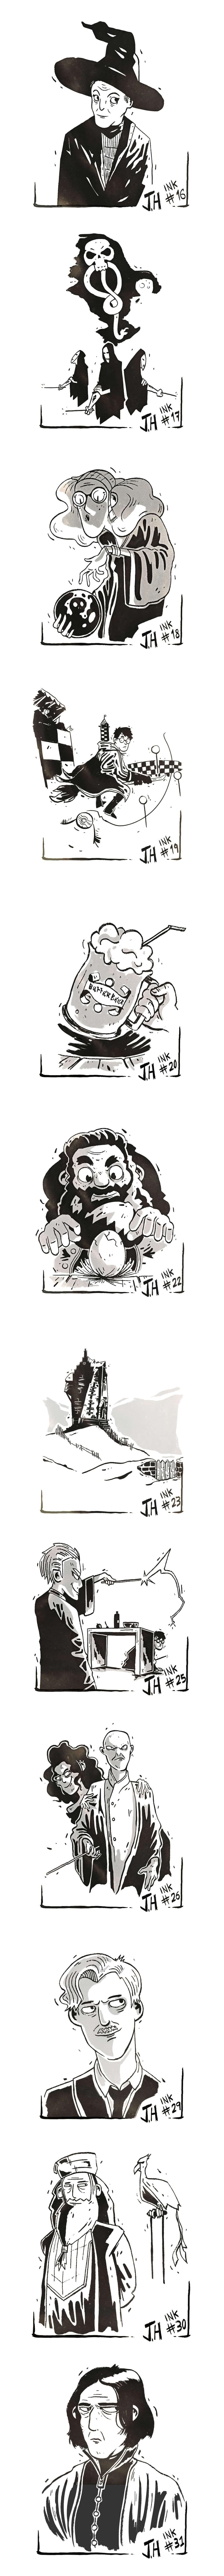 Harry Potter Fan Art by Ju He